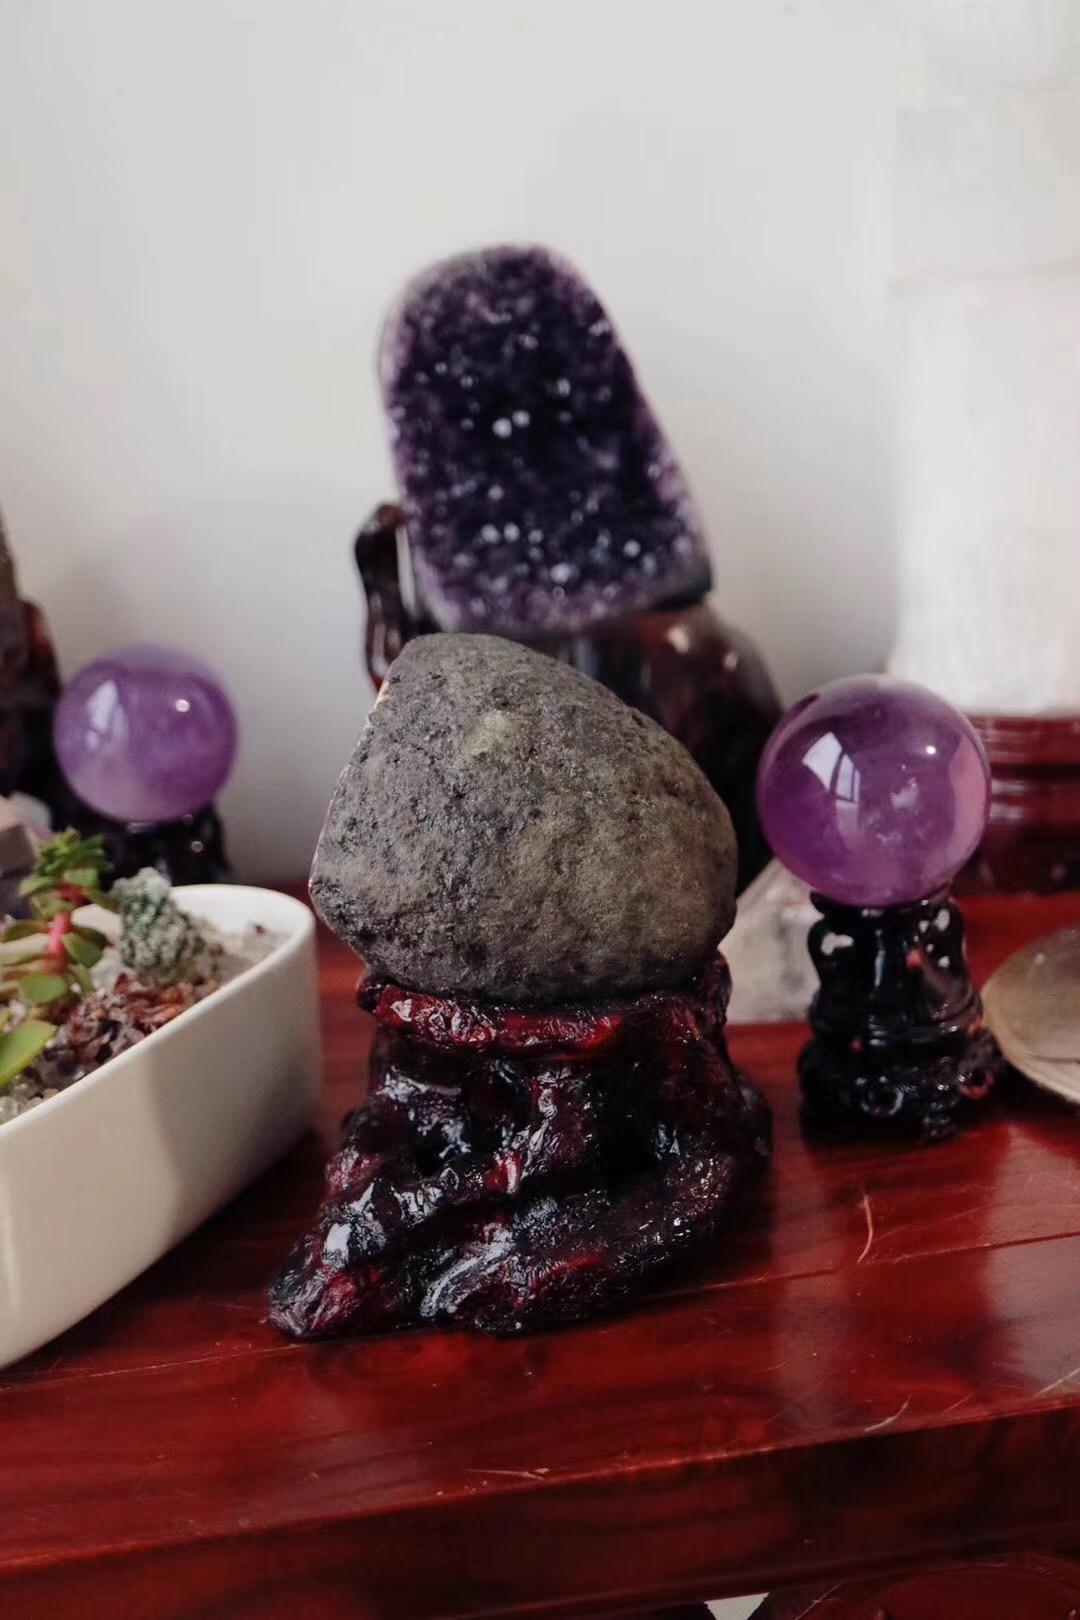 【乌拉圭紫晶洞】成为一个更好的、更具有精神和灵气的自己-菩心晶舍